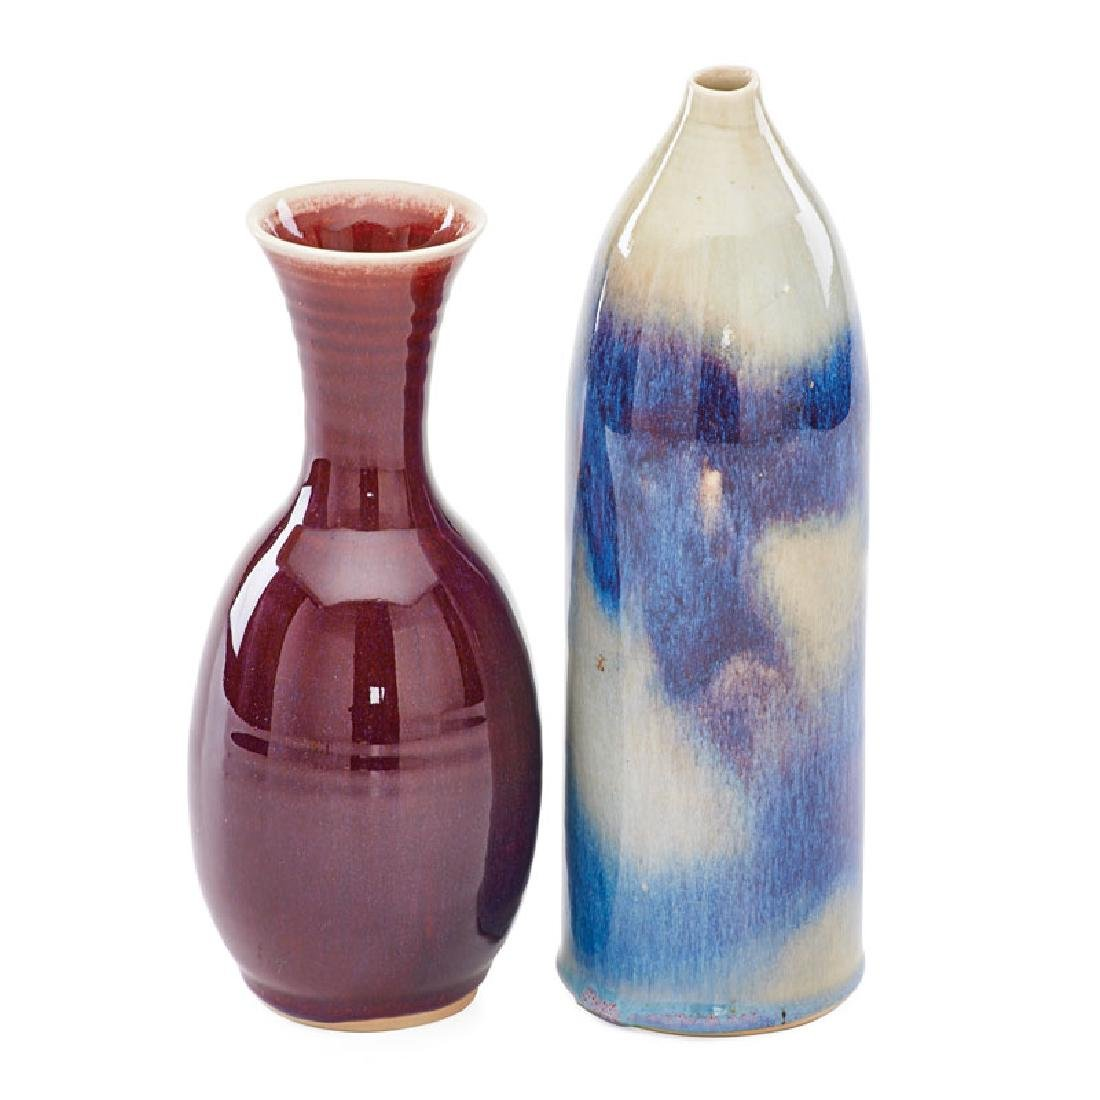 BROTHER THOMAS BEZANSON Two vases - 3